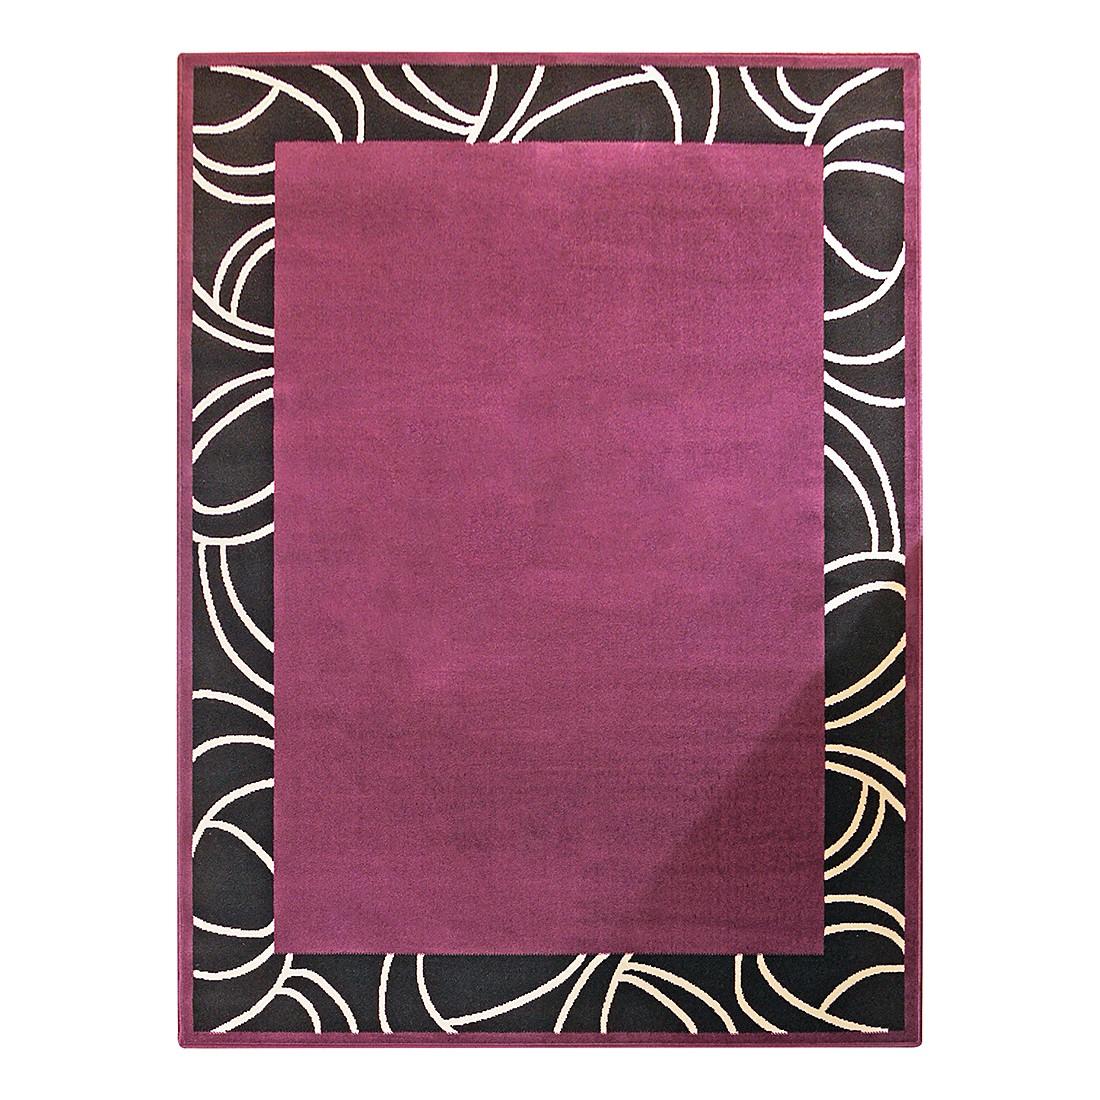 Teppich Prime Pile Bordüre - Schwarz/Violett - 190 x 280 cm, Hanse Home Collection